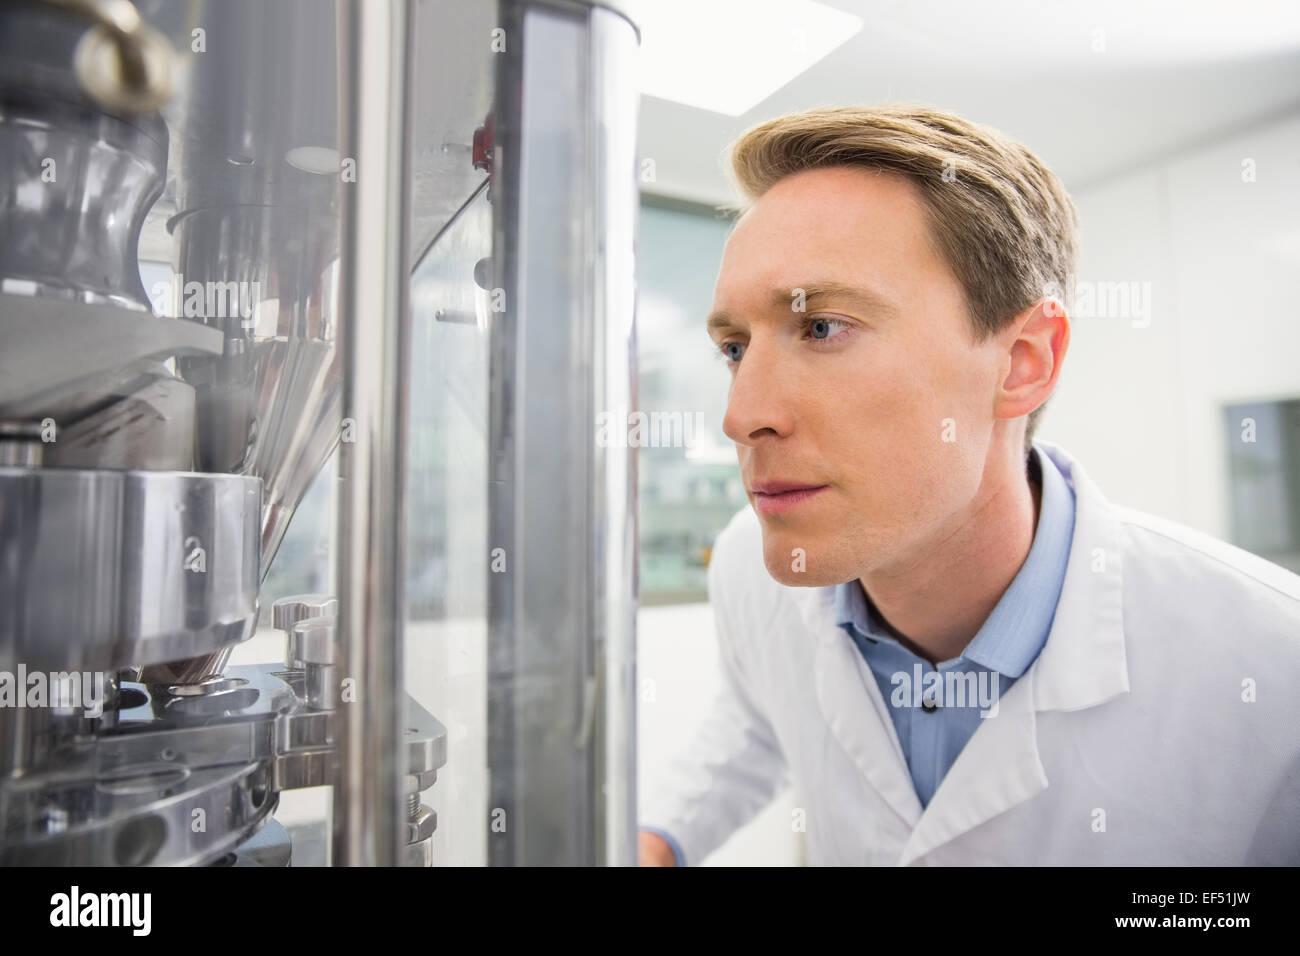 Focalizzato il farmacista utilizzando la tecnologia avanzata Immagini Stock